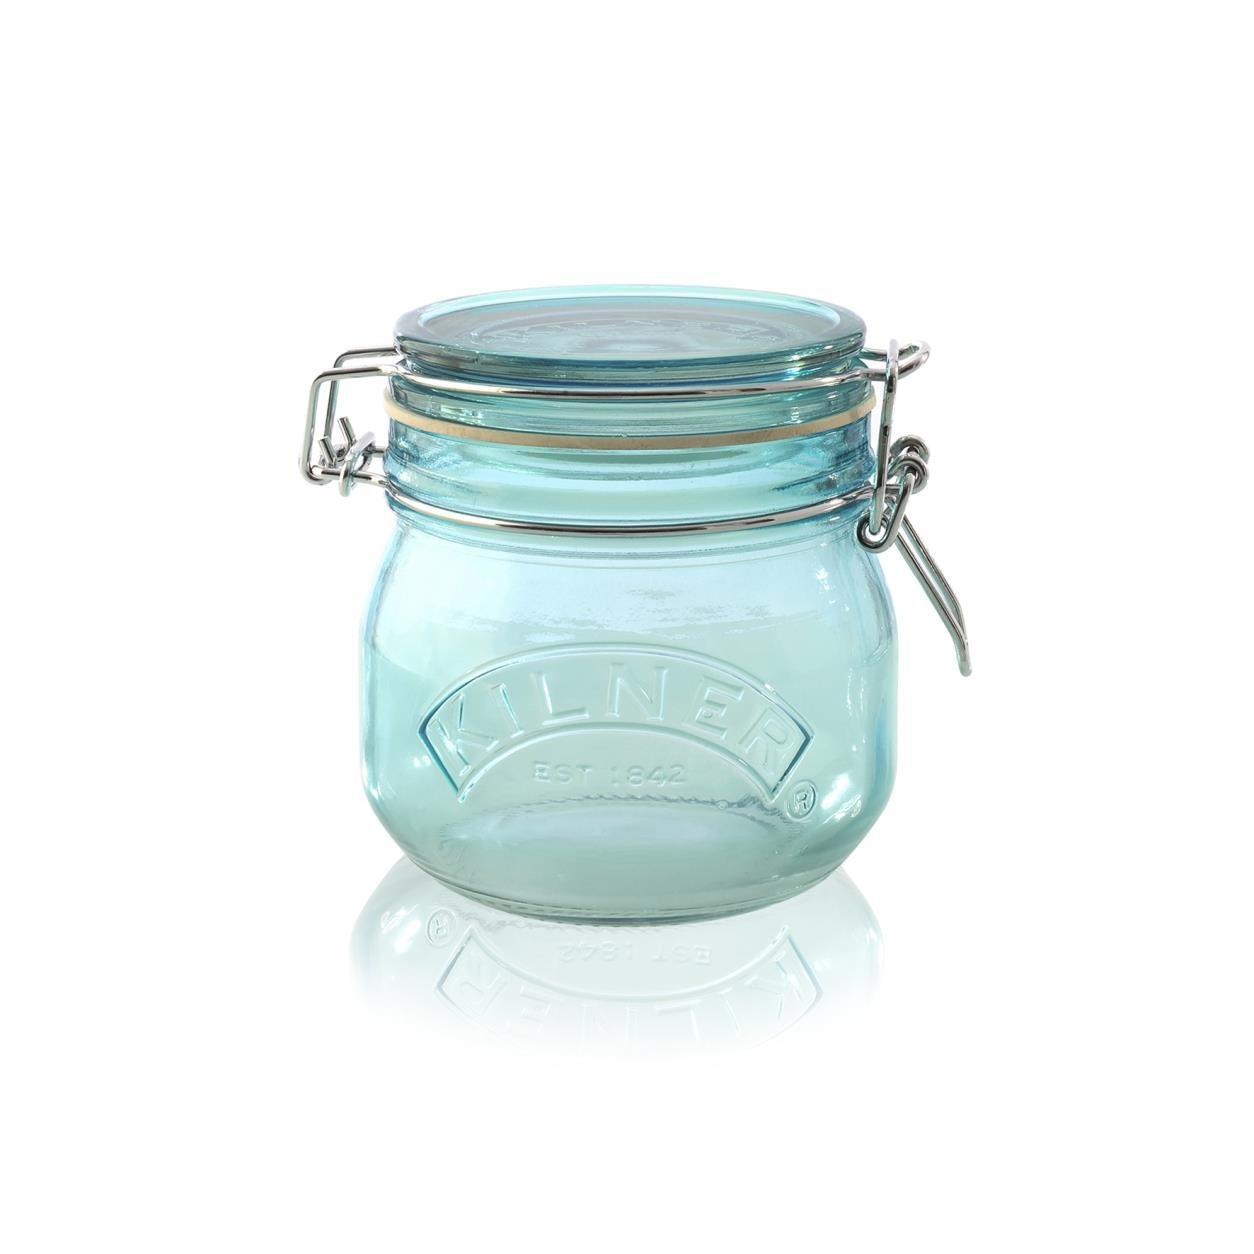 KILNER Skleněná dóza s klipem Blue 500 ml, modrá barva, sklo